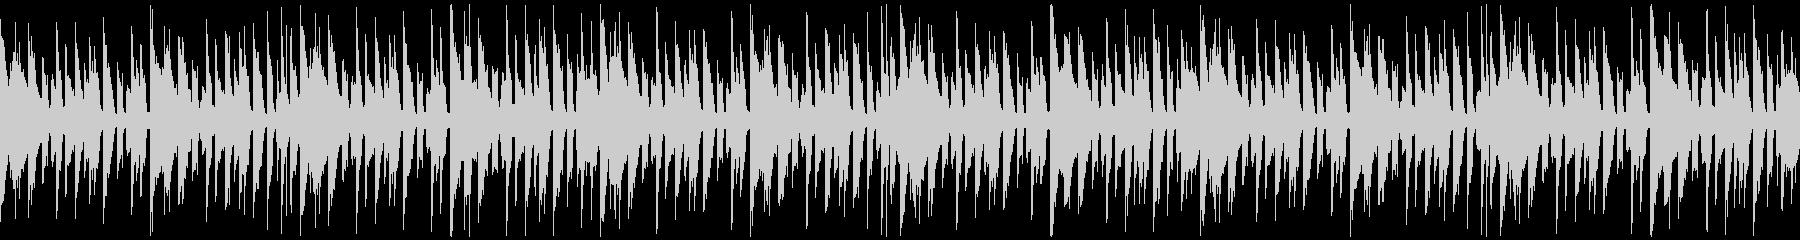 【ループ】リザルト画面や準備画面のBGMの未再生の波形